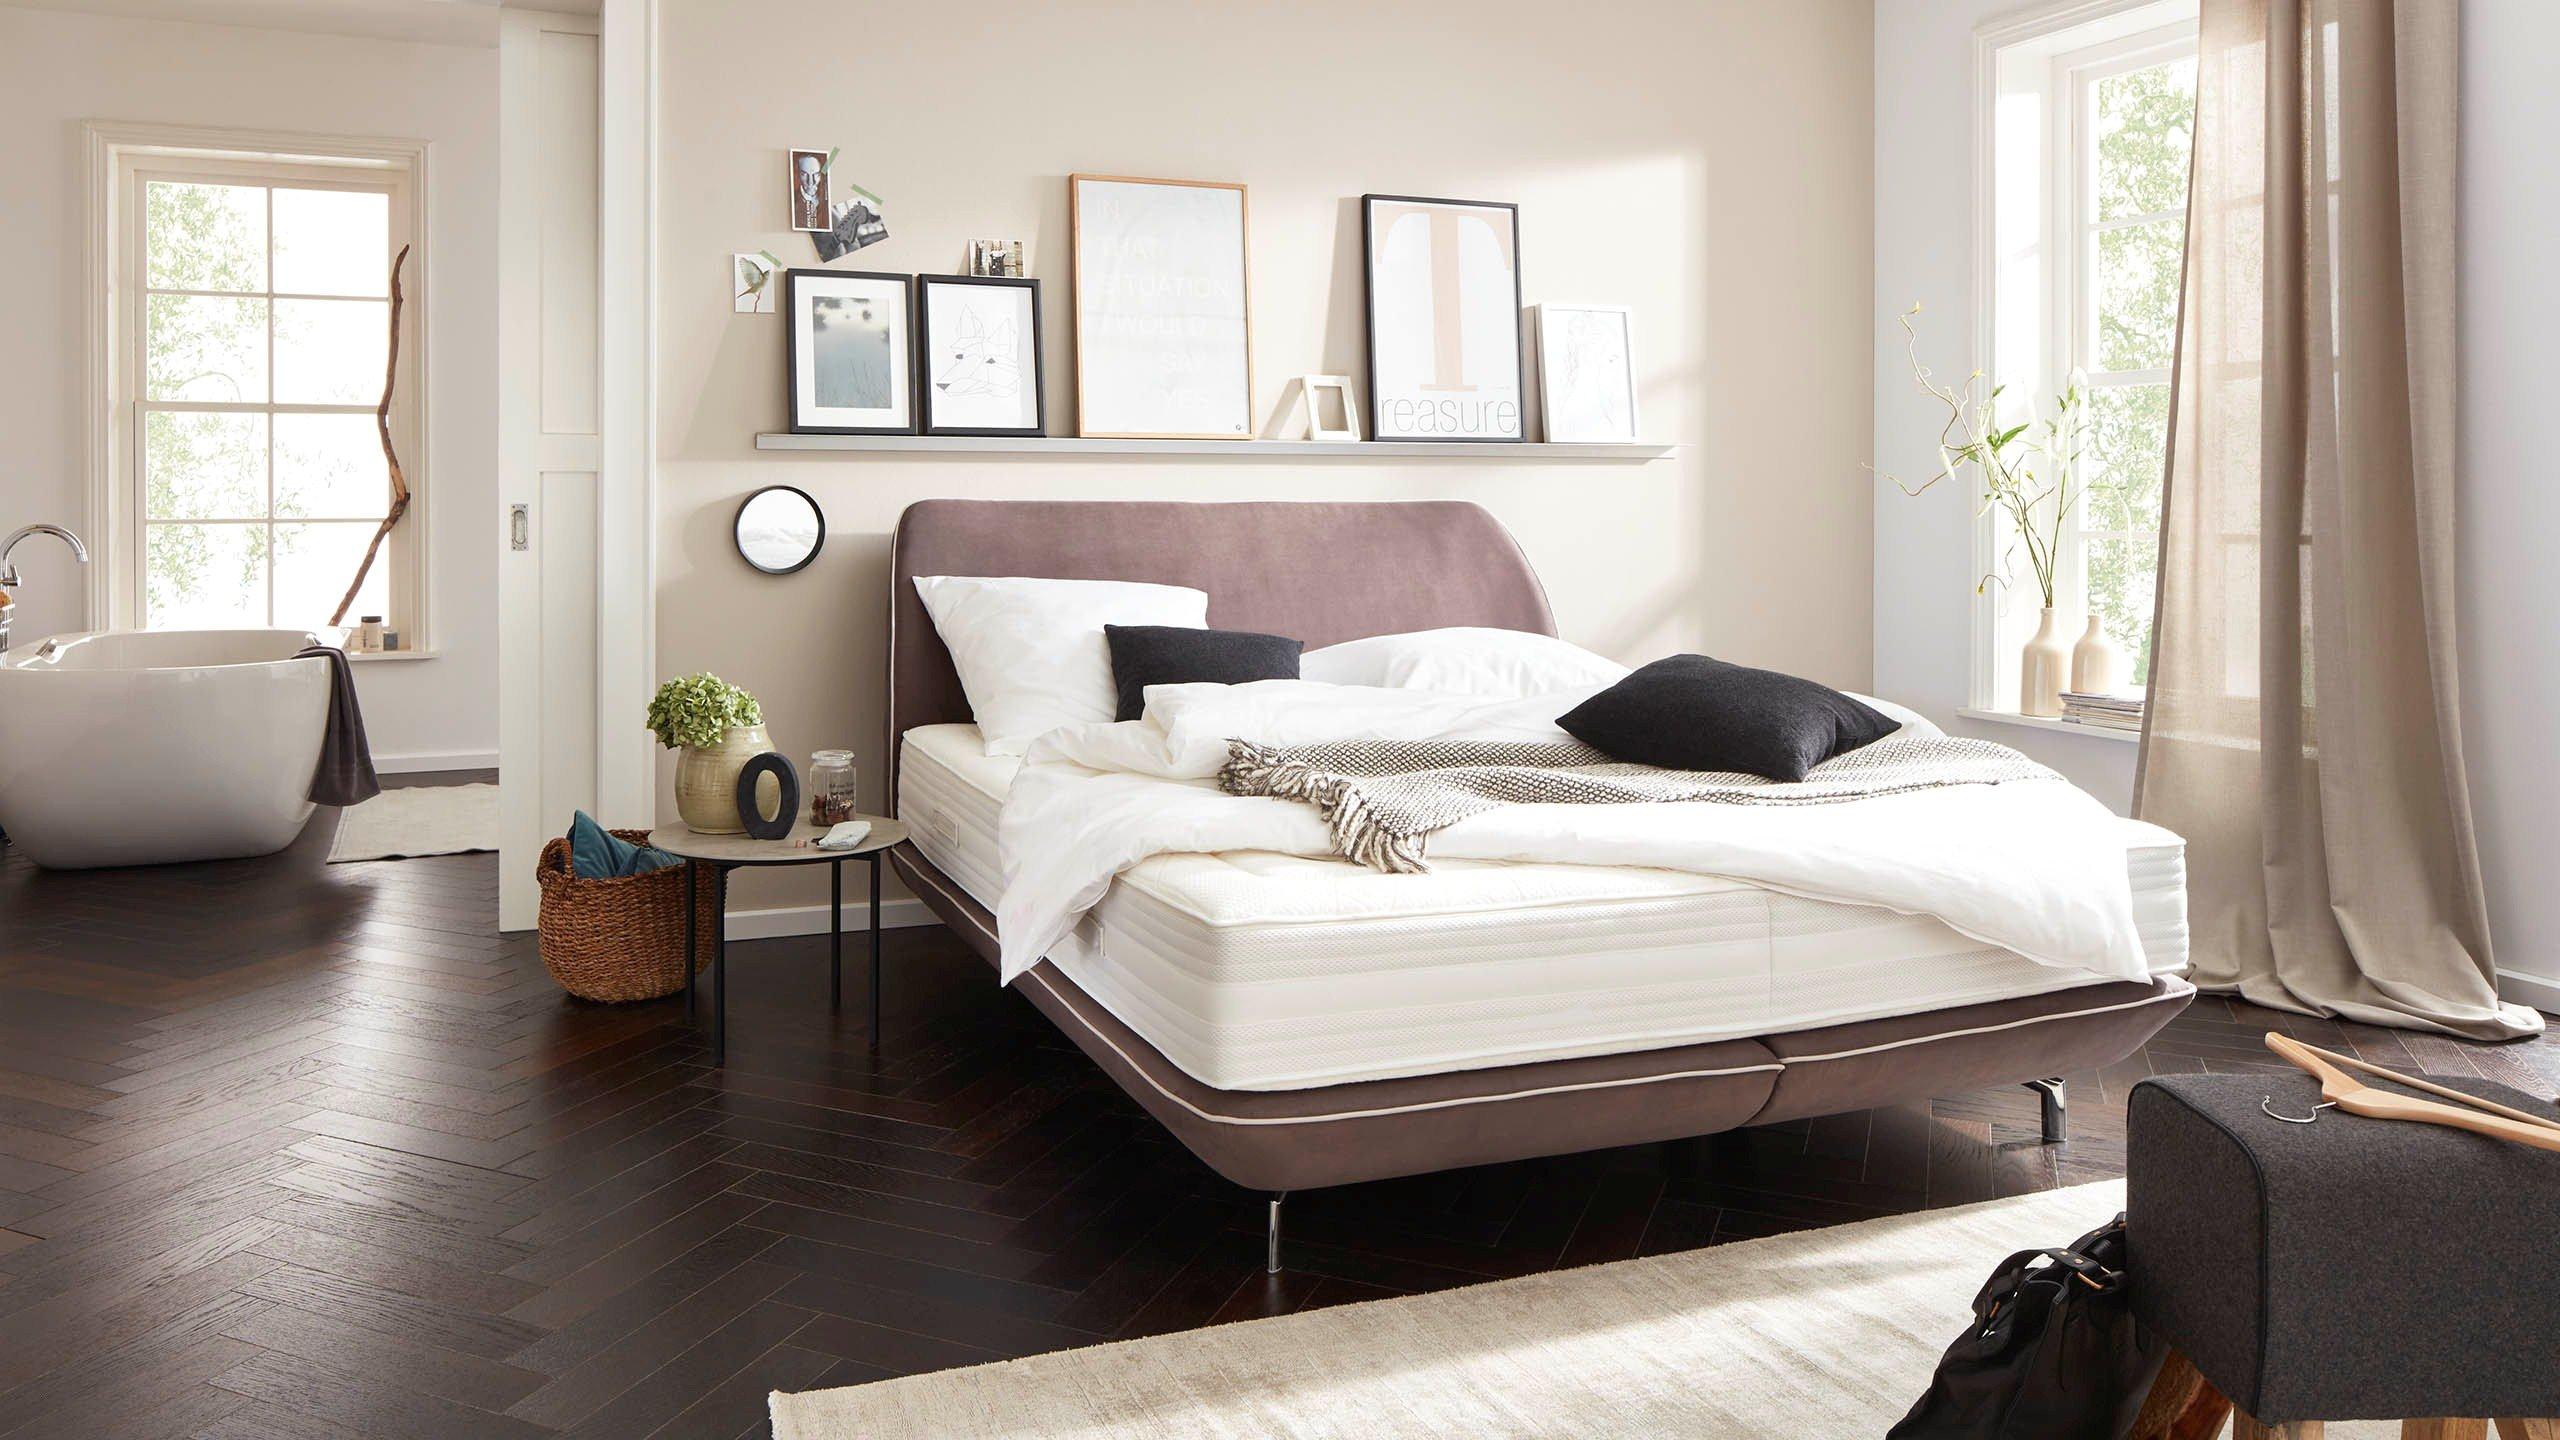 wandfarben ideen streifen mit warme farben schlafzimmer beste wandfarben gesucht ideen 47 und warme farben schlafzimmer beste wandfarben gesucht ideen moderne fur beste wandfarben gesucht warme farben